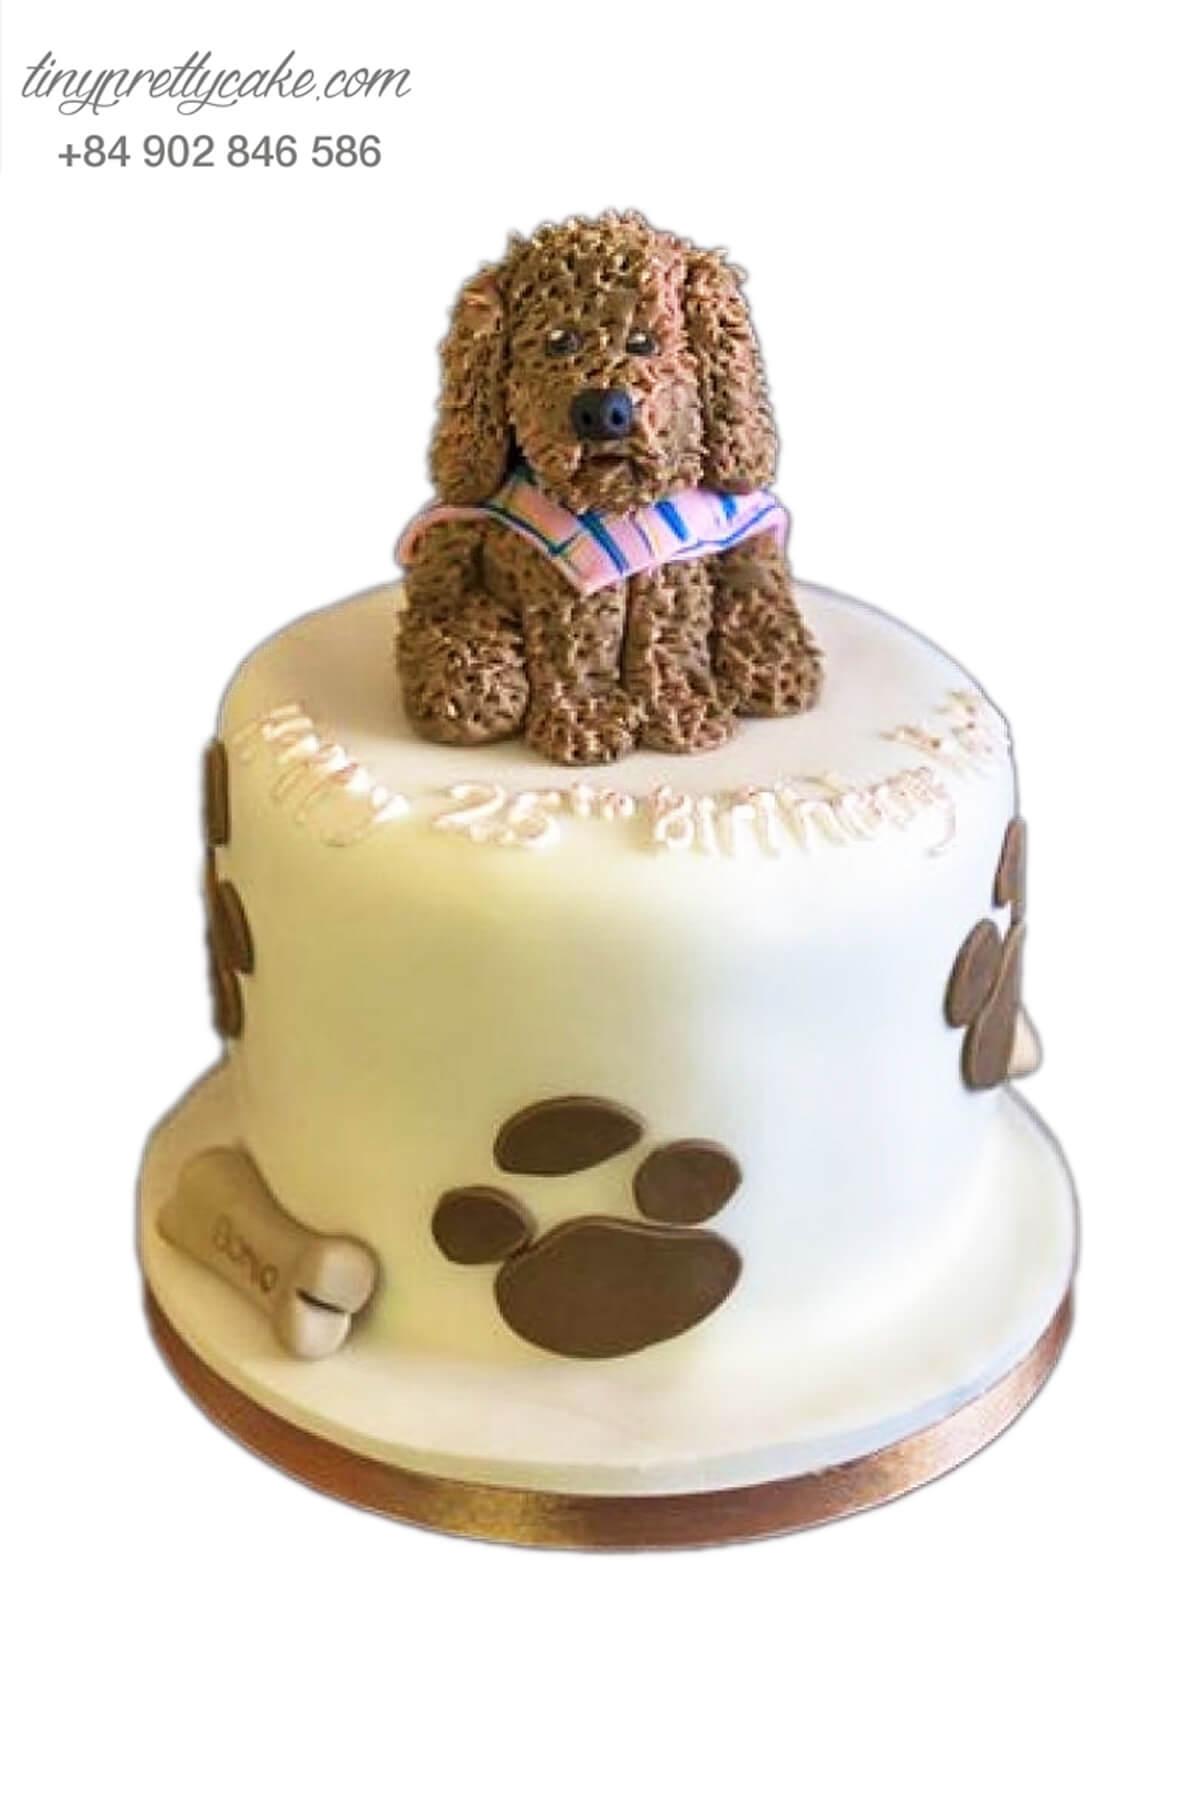 Bánh sinh nhật tạo hình Chó lông xù lanh lợi dành cho bé trai, bé gái (AC0301)